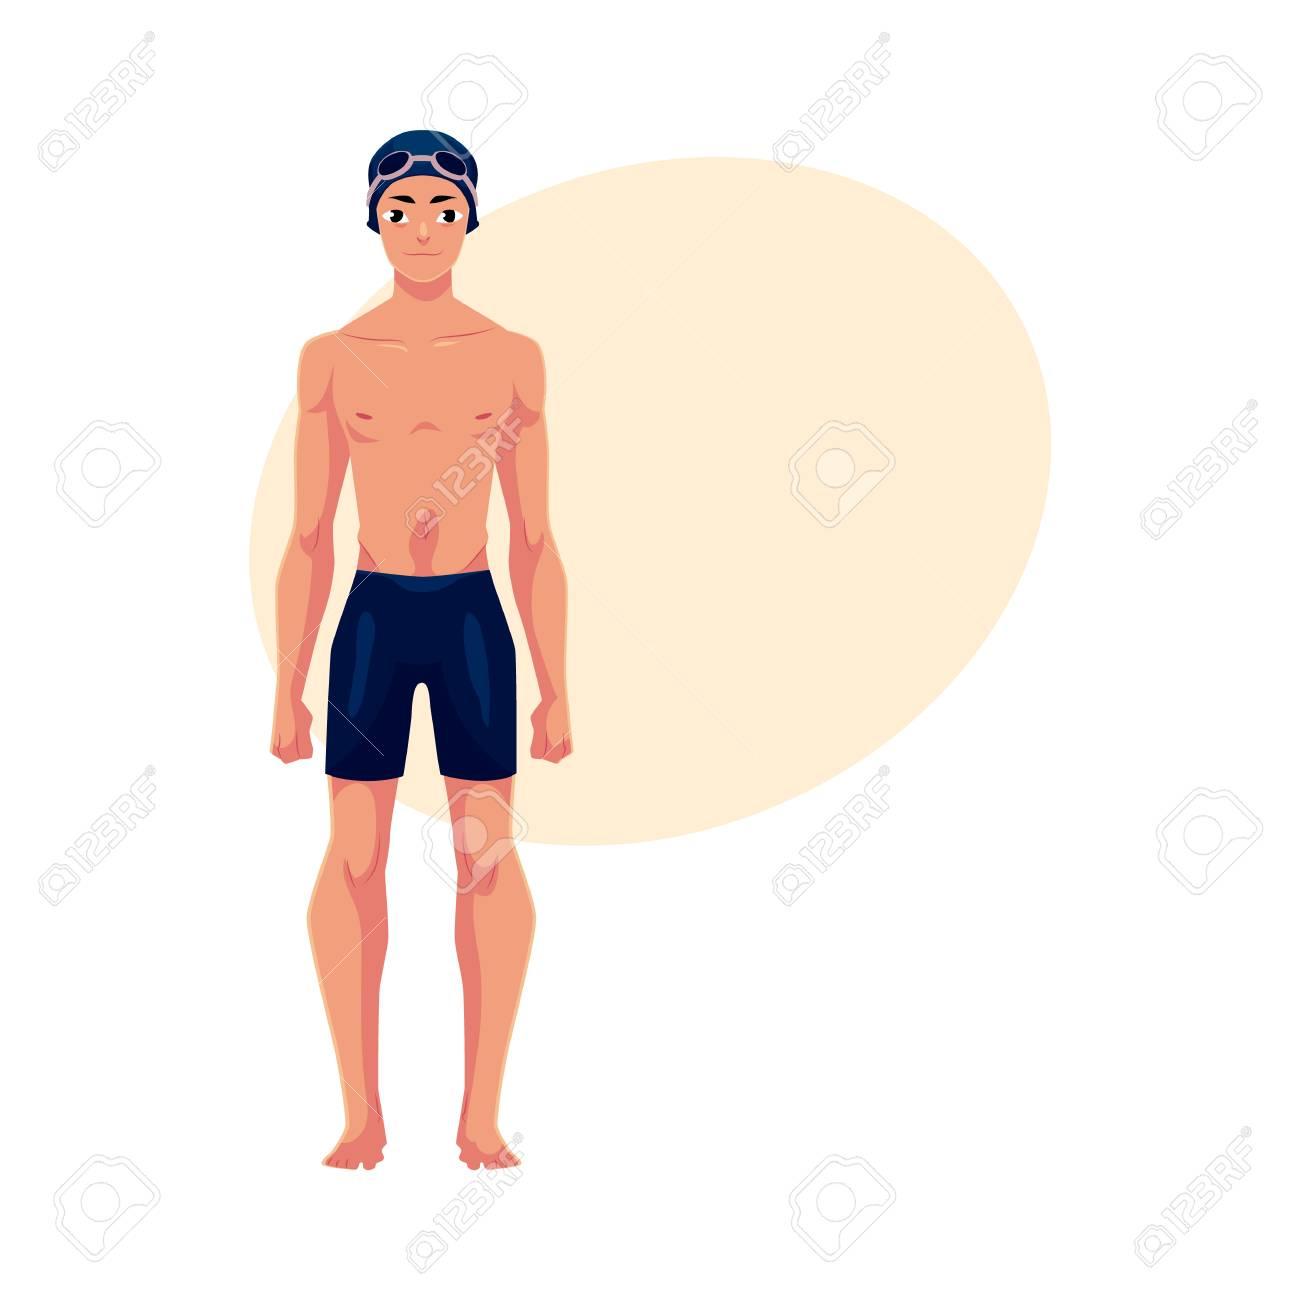 Jovem Apaixonado Nadador Em Terno De Natacao Bone E Ilustracao